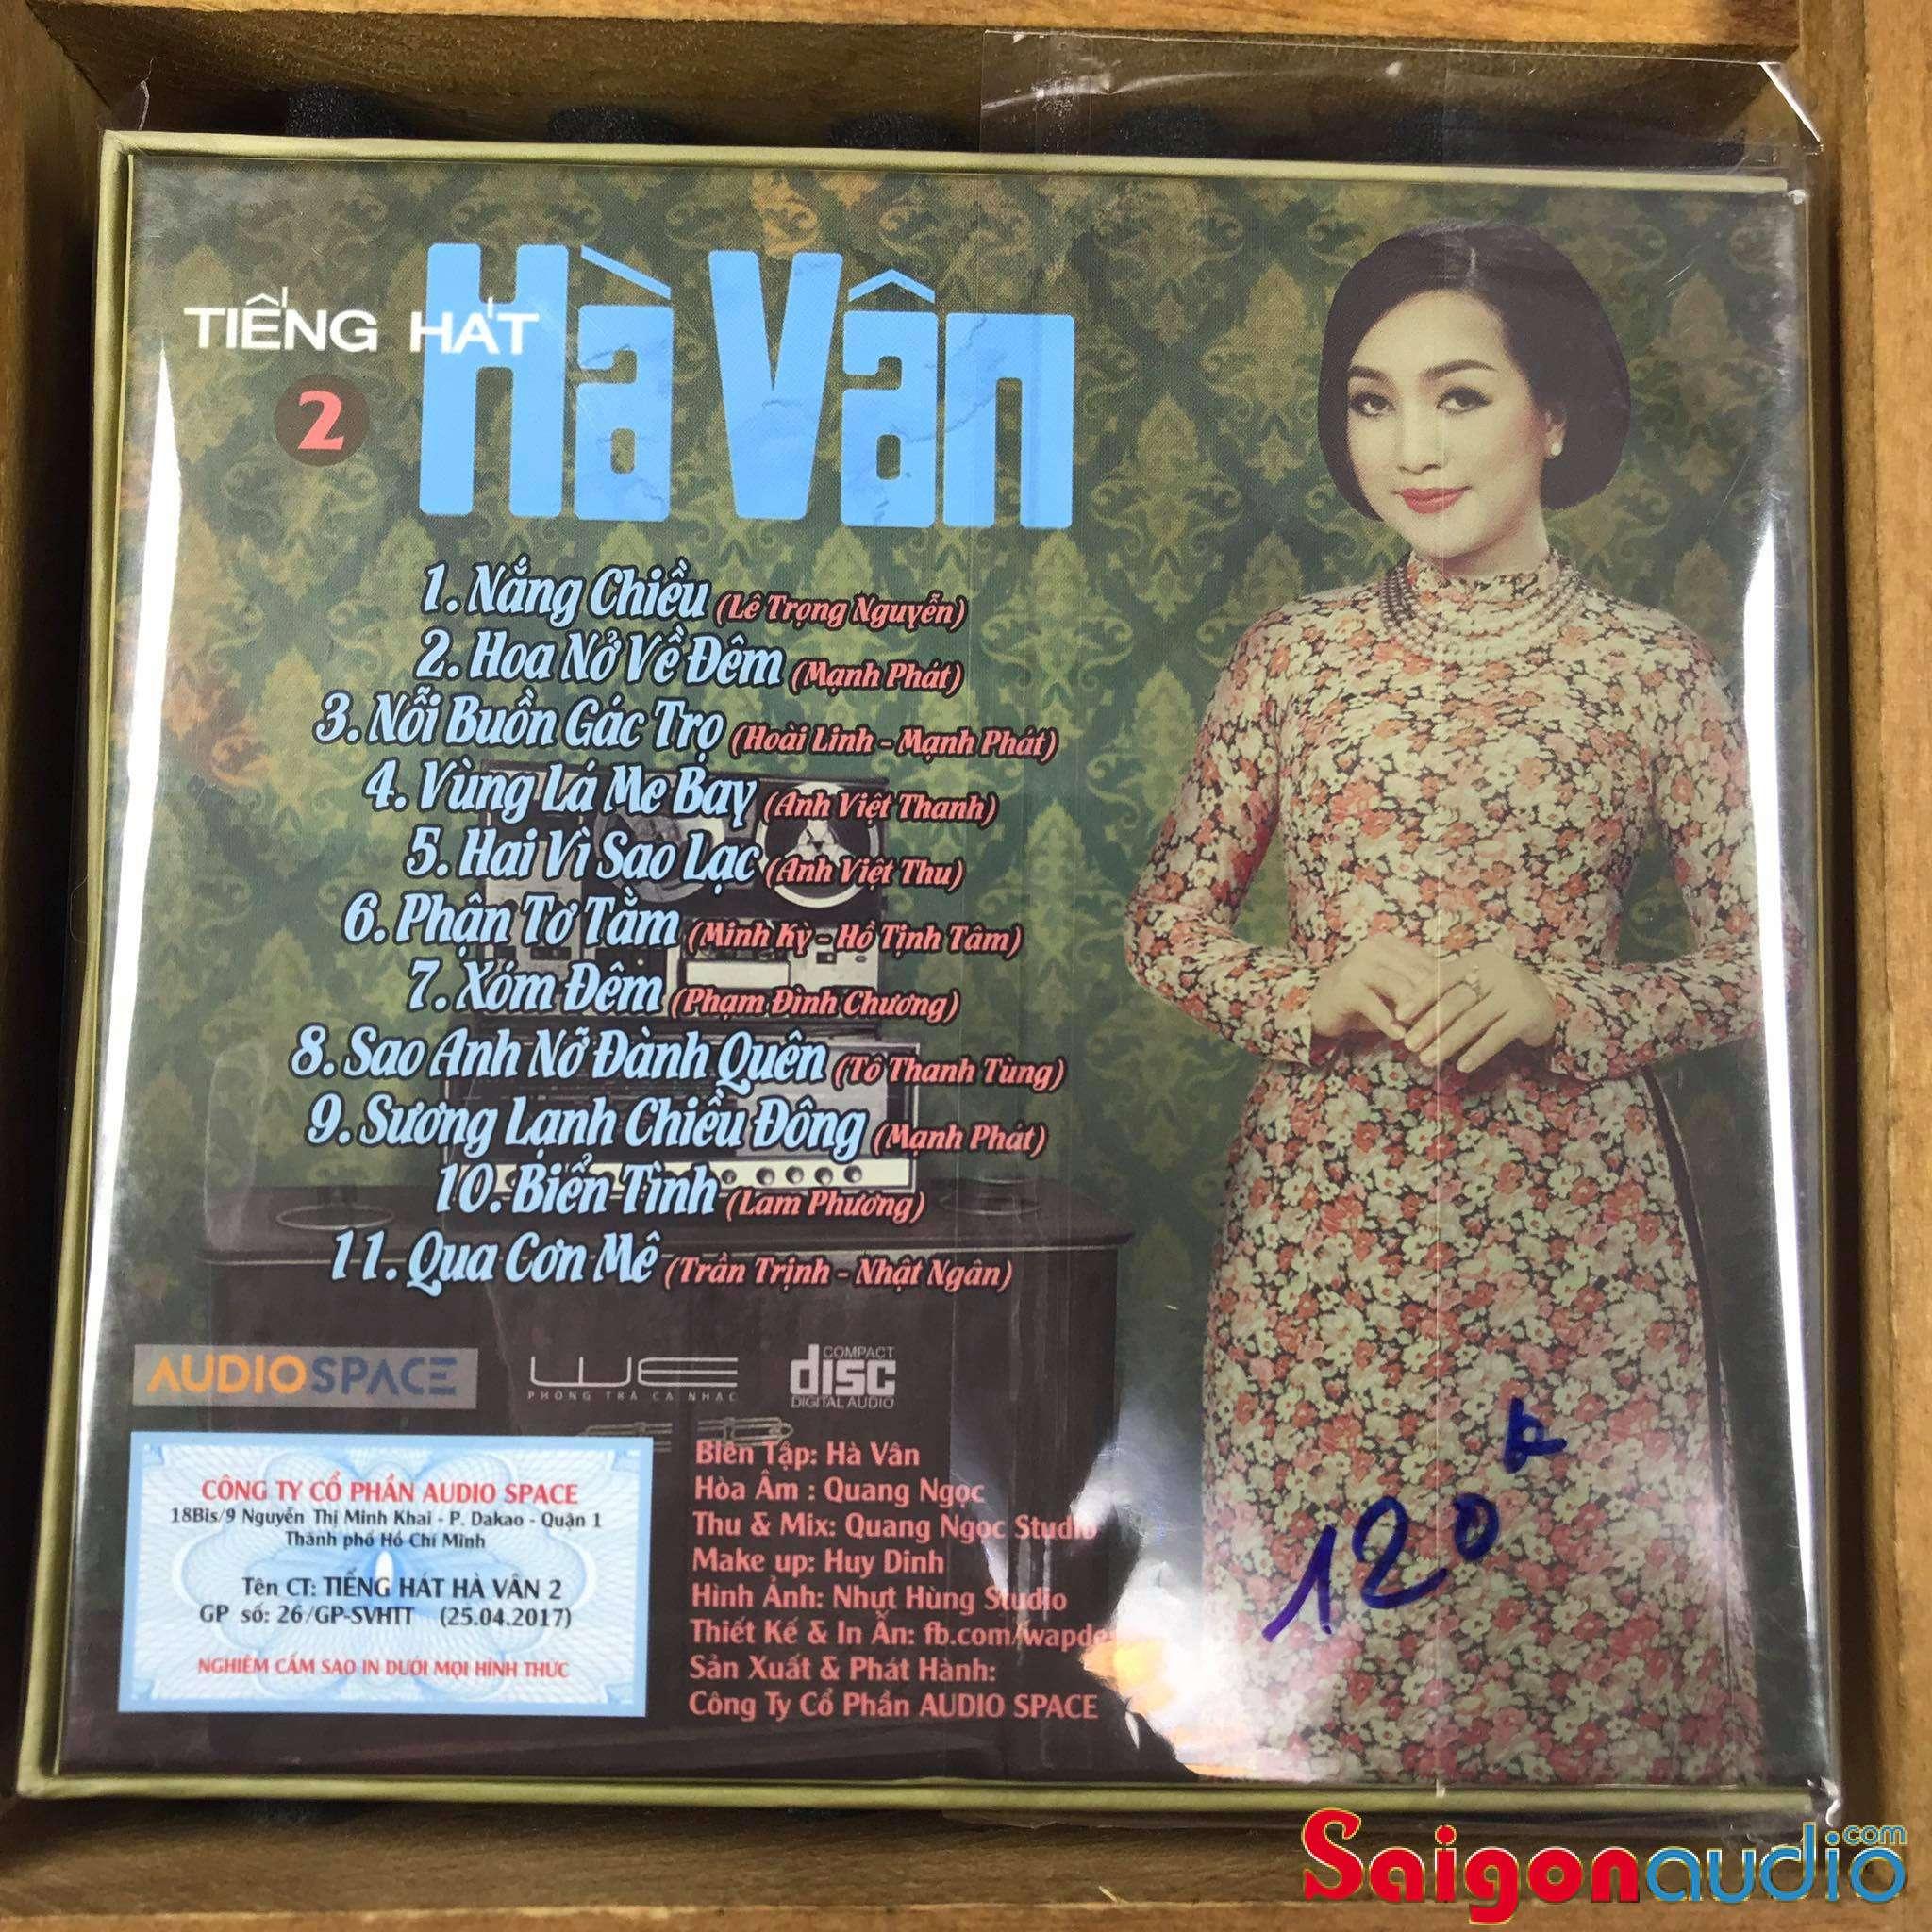 Đĩa CD nhạc gốc Tiếng Hát Hà Vân 2 (Free ship khi mua 2 đĩa CD cùng hoặc khác loại)